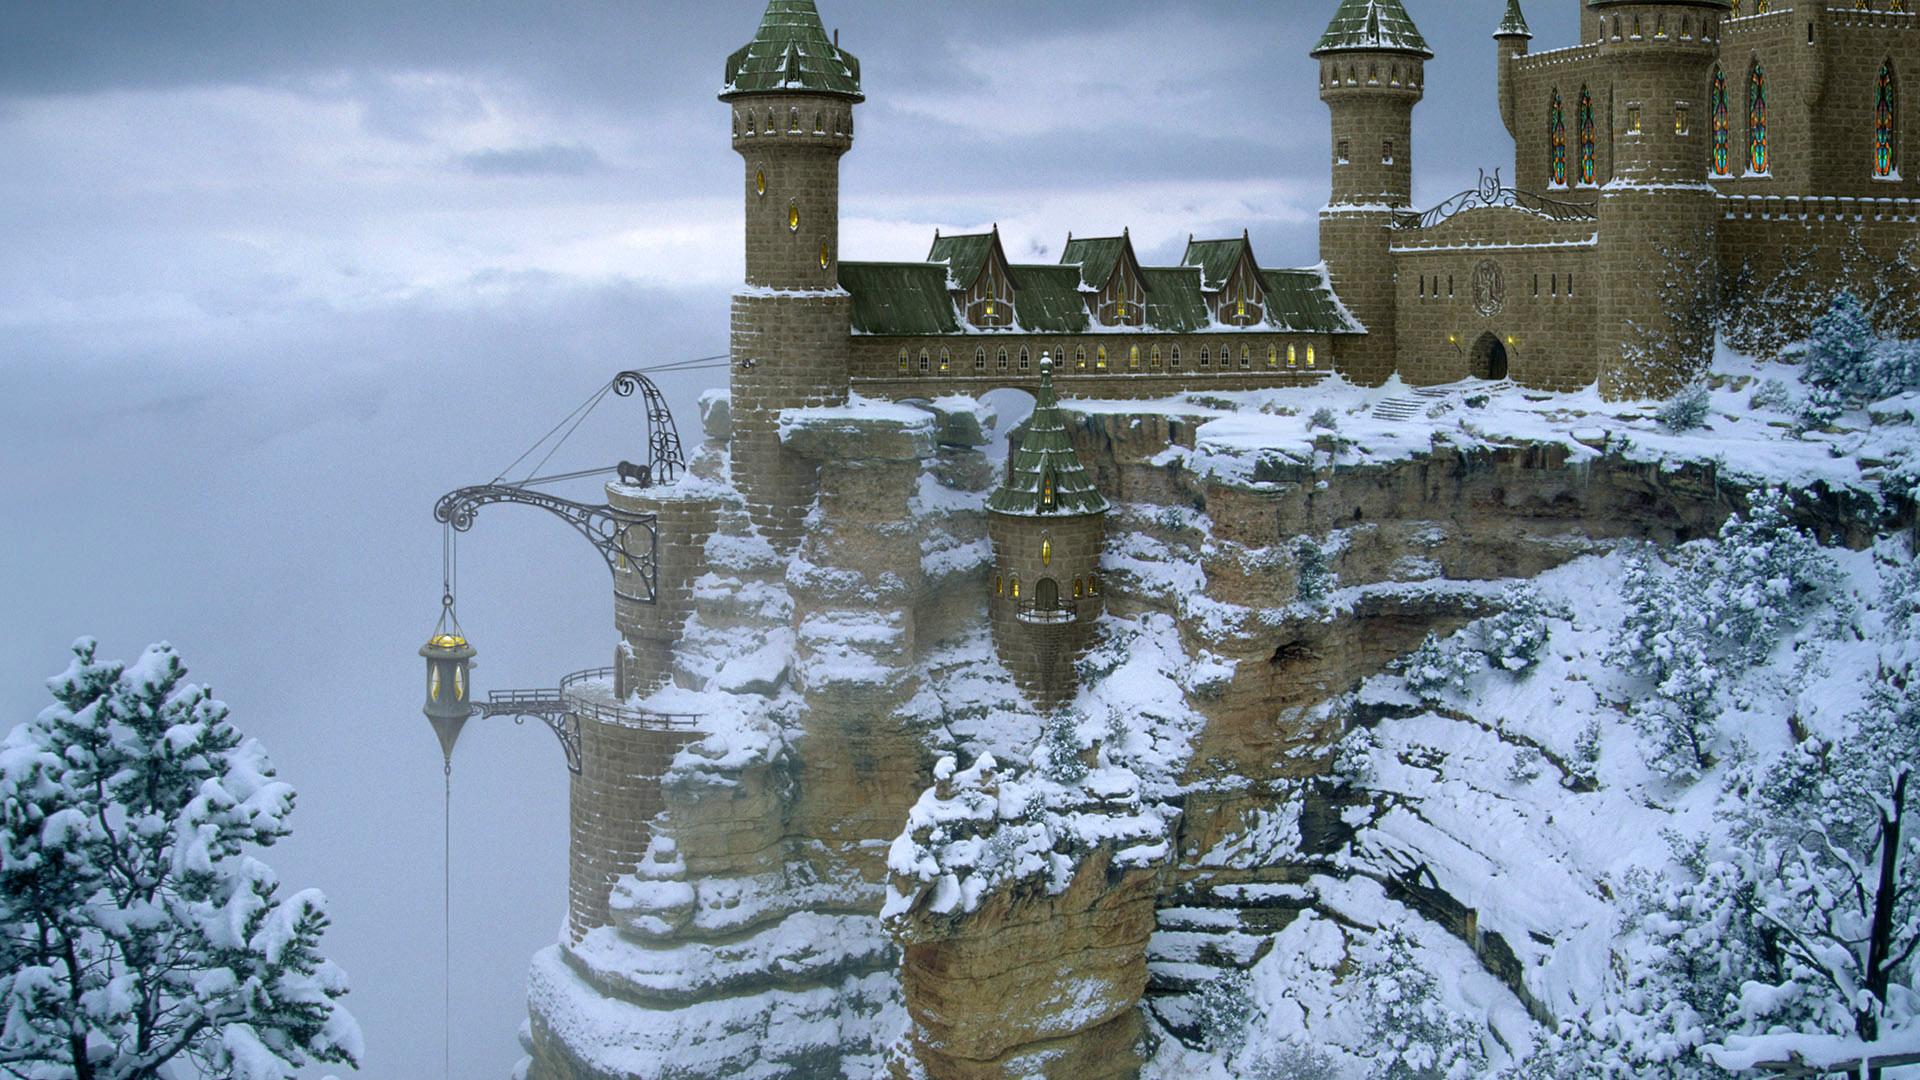 обои для рабочего стола зимний замок № 464910 бесплатно